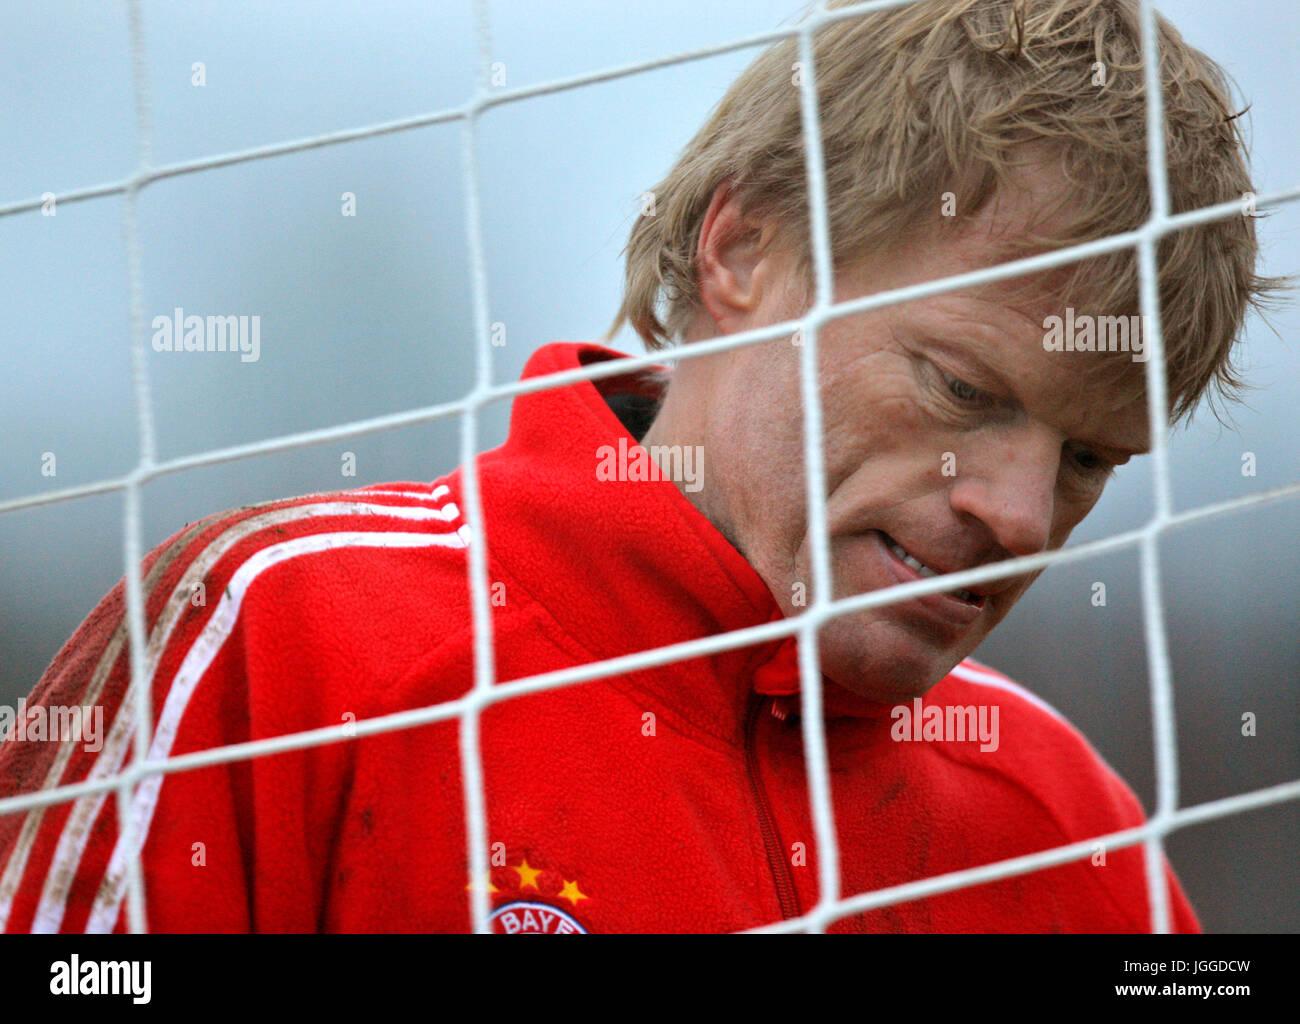 Archivbild! 11.12.2007, FC Bayern München Training an der Säbener Strasse,  Torwart Oliver KAHN (Bayern) pessimistisch Stock Photo